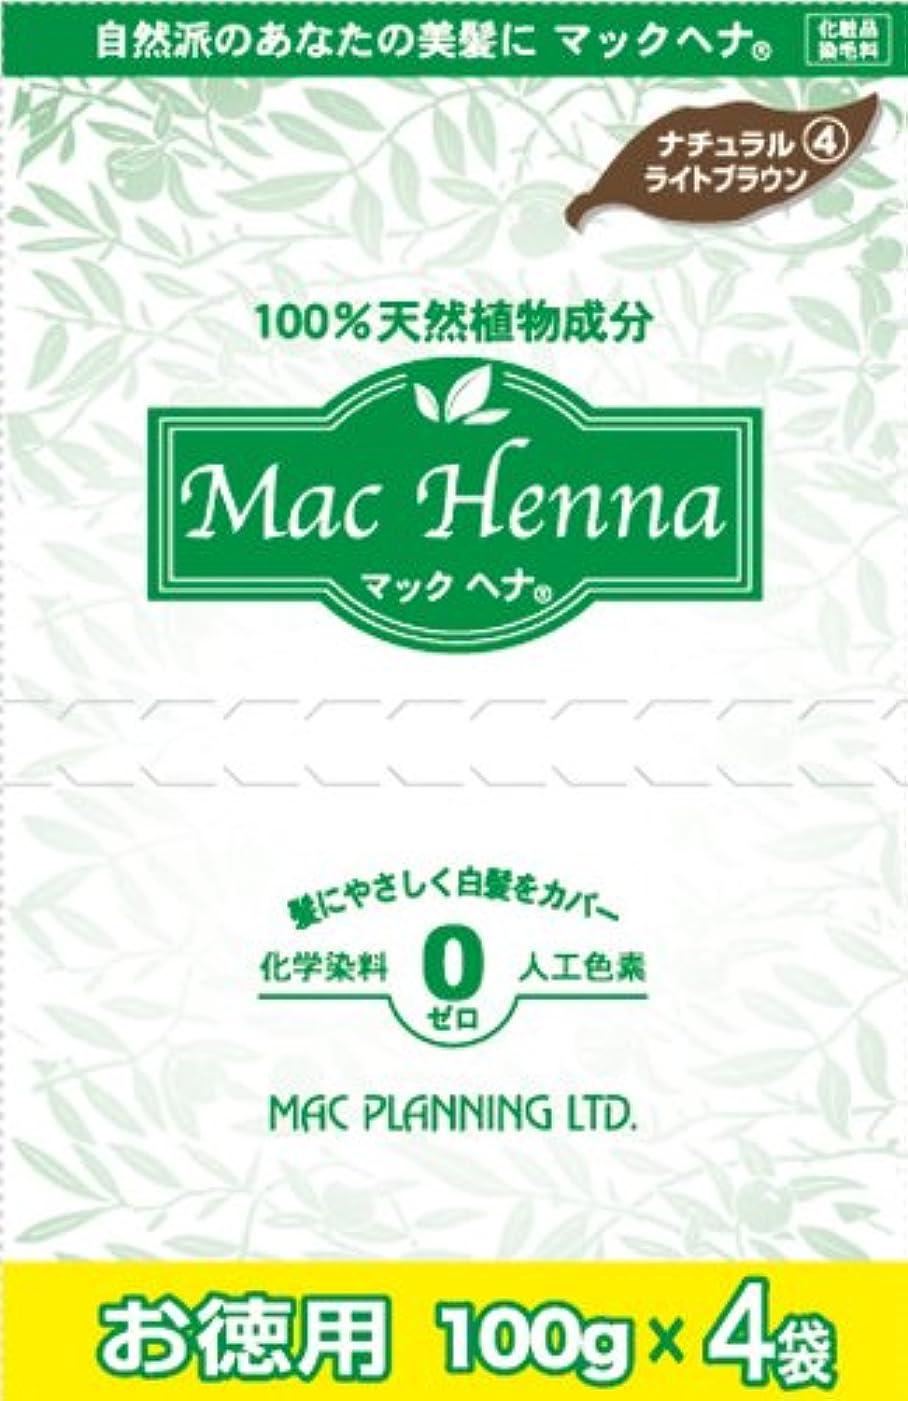 プランテーション増加する奨励天然植物原料100% 無添加 マックヘナ お徳用(ナチュラルライトブラウン)-4  400g(100g×4袋)2箱セット